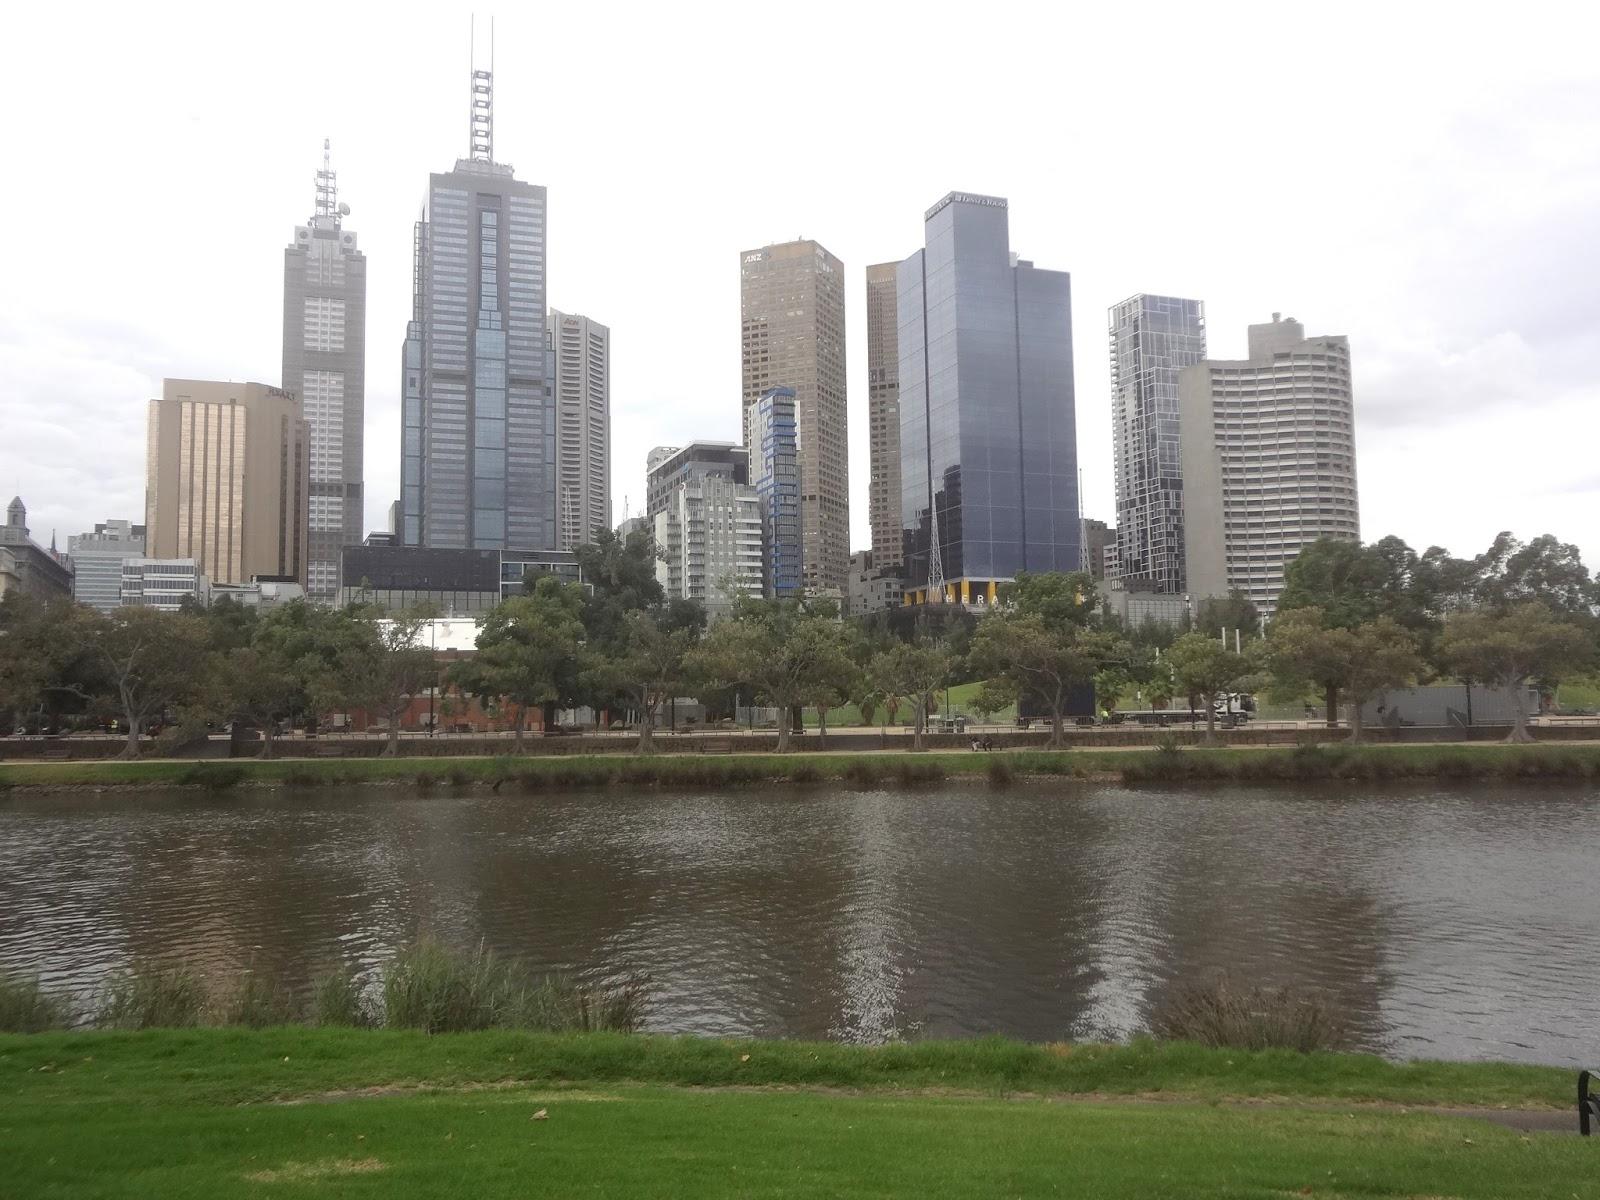 città greca che risale a Melbourne immagini gratuite del sito di incontri